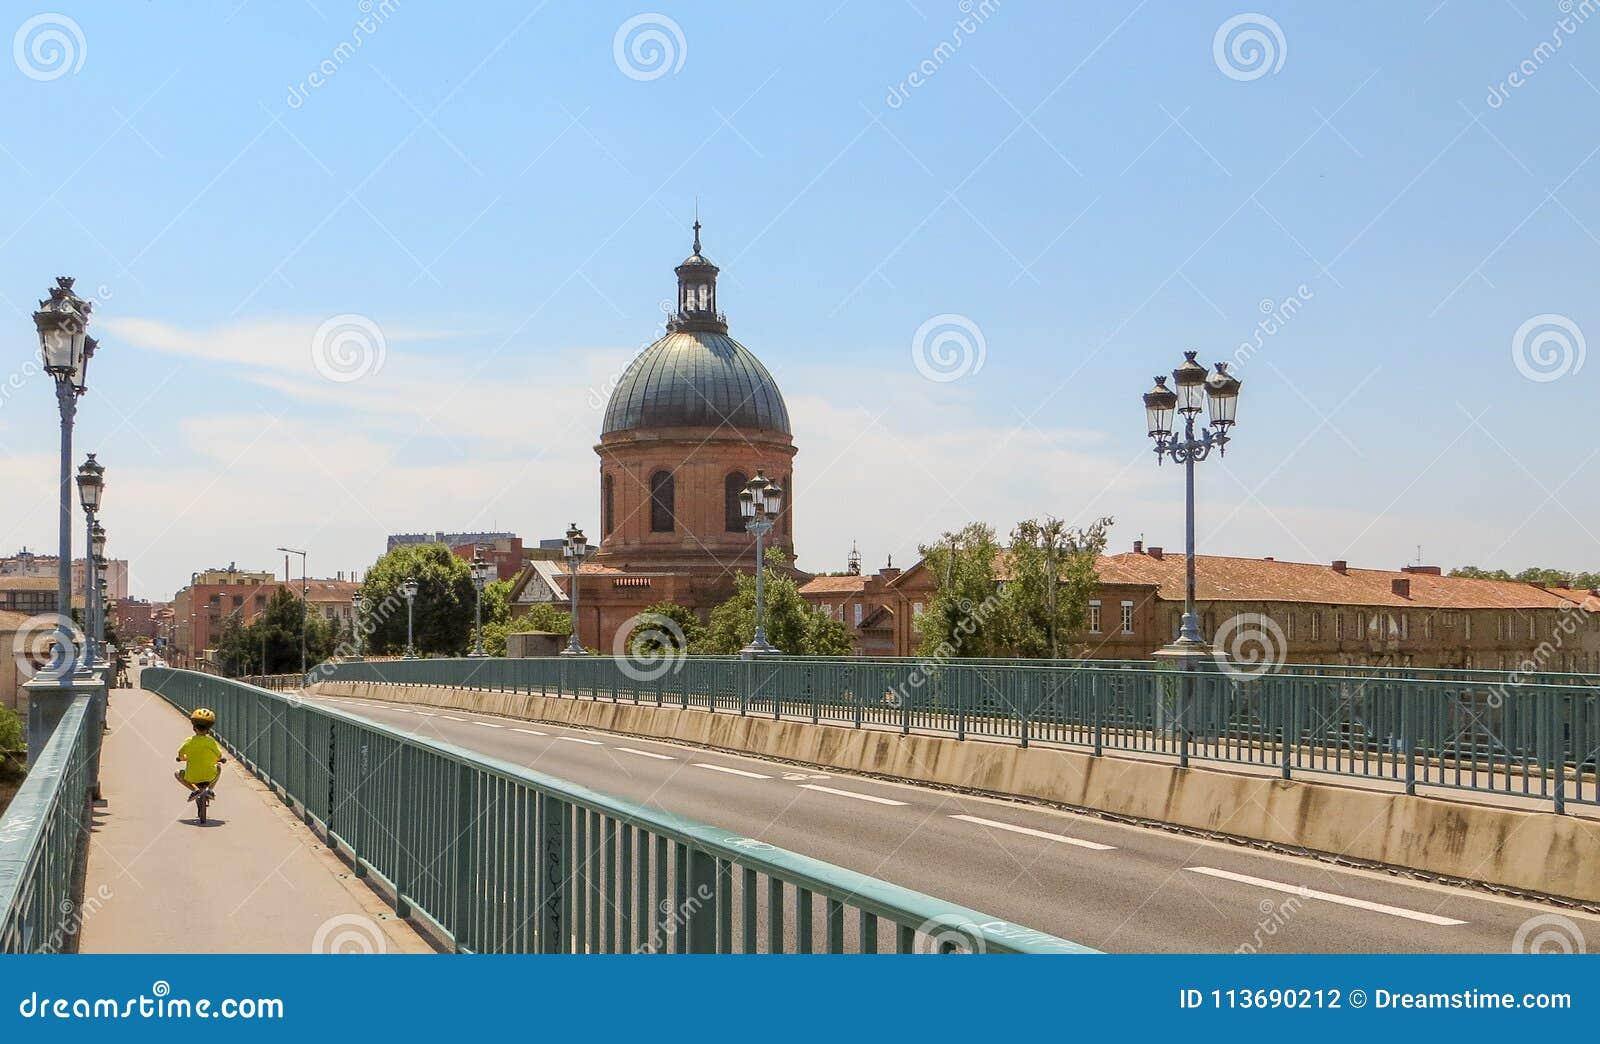 安全地骑自行车的小孩子在自行车车道在一座风景欧洲桥梁